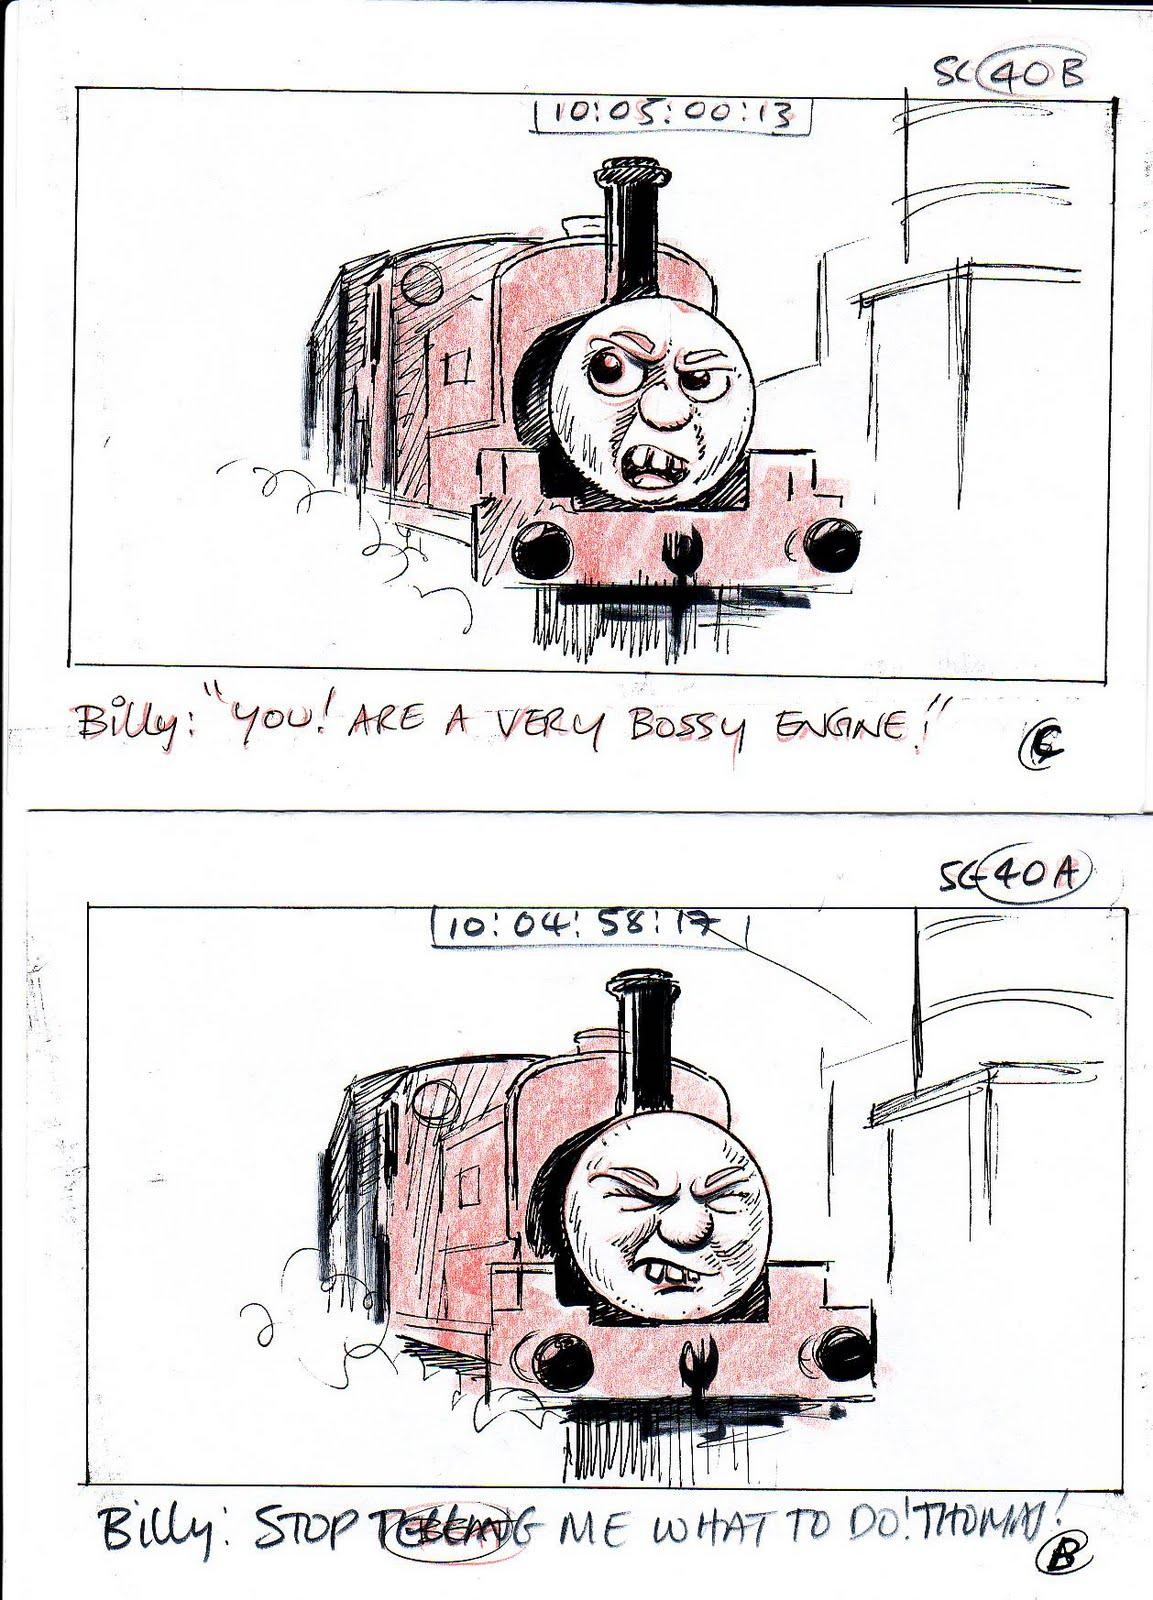 [Silly-Billy-Jpg-40]